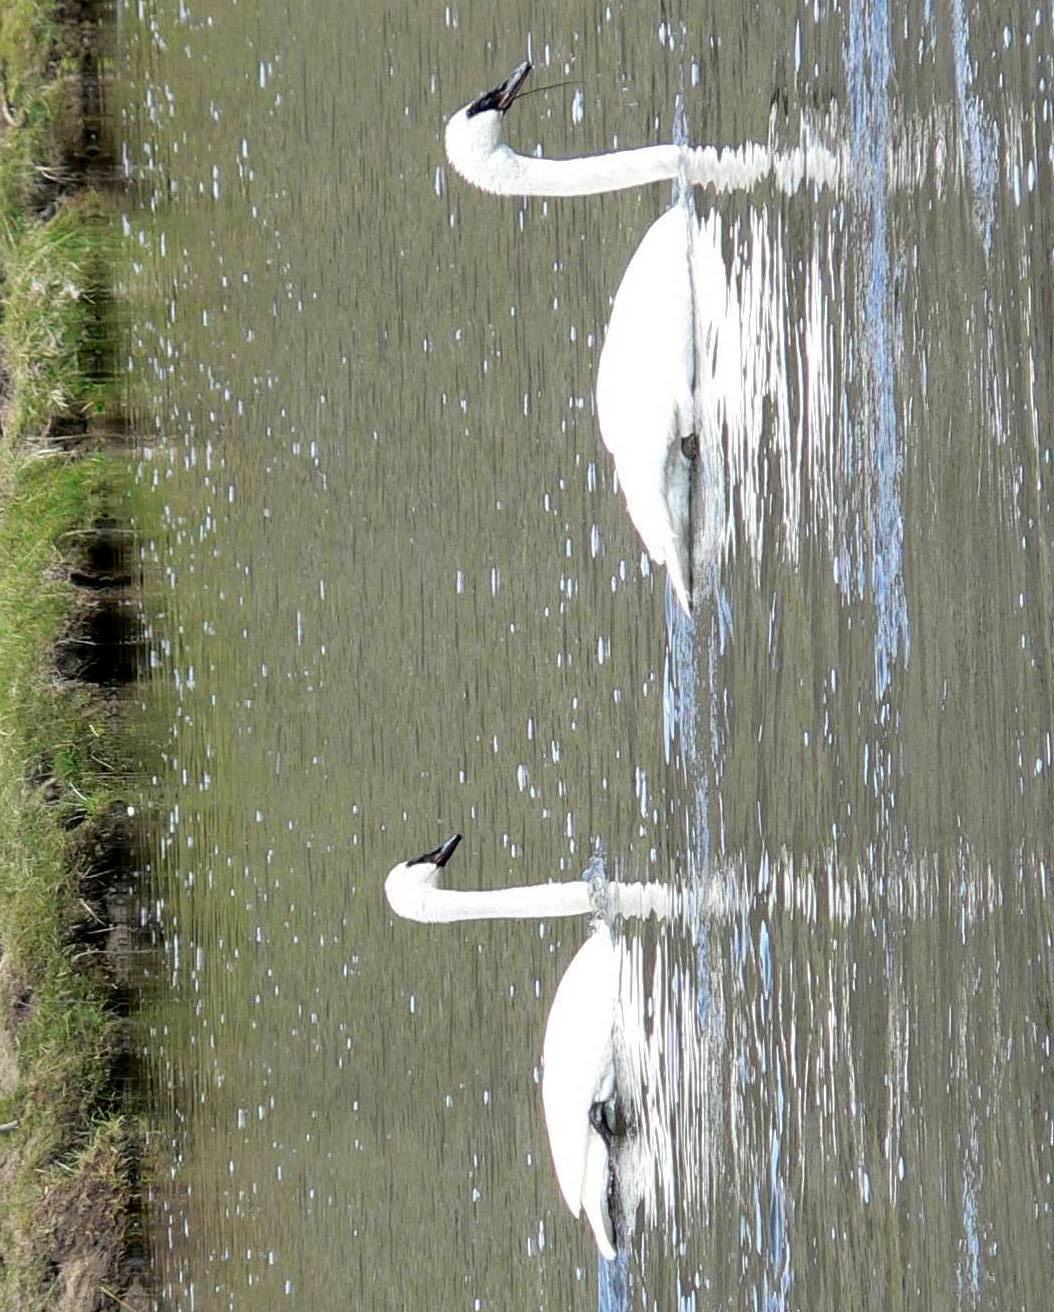 Trumpeter Swan Photo by Peter Lowe